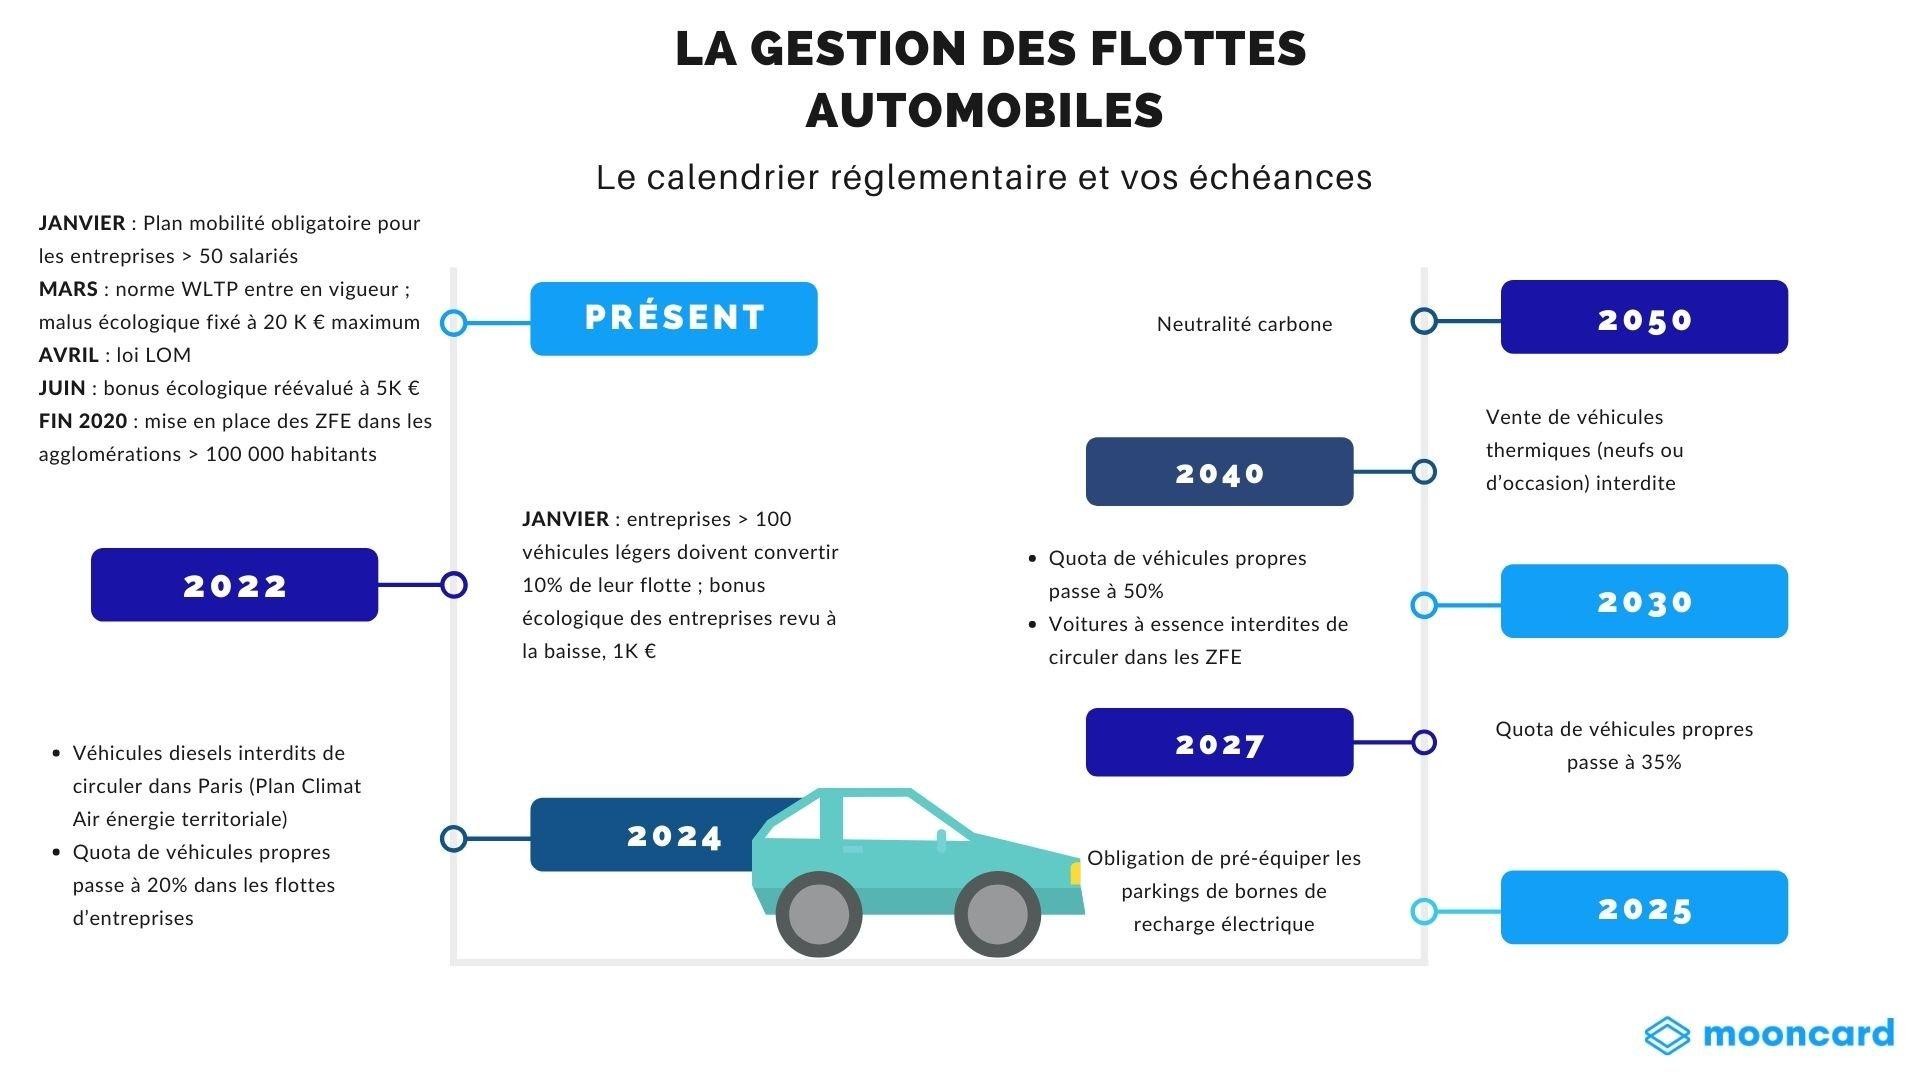 gestion flottes automobiles calendrier réglementation